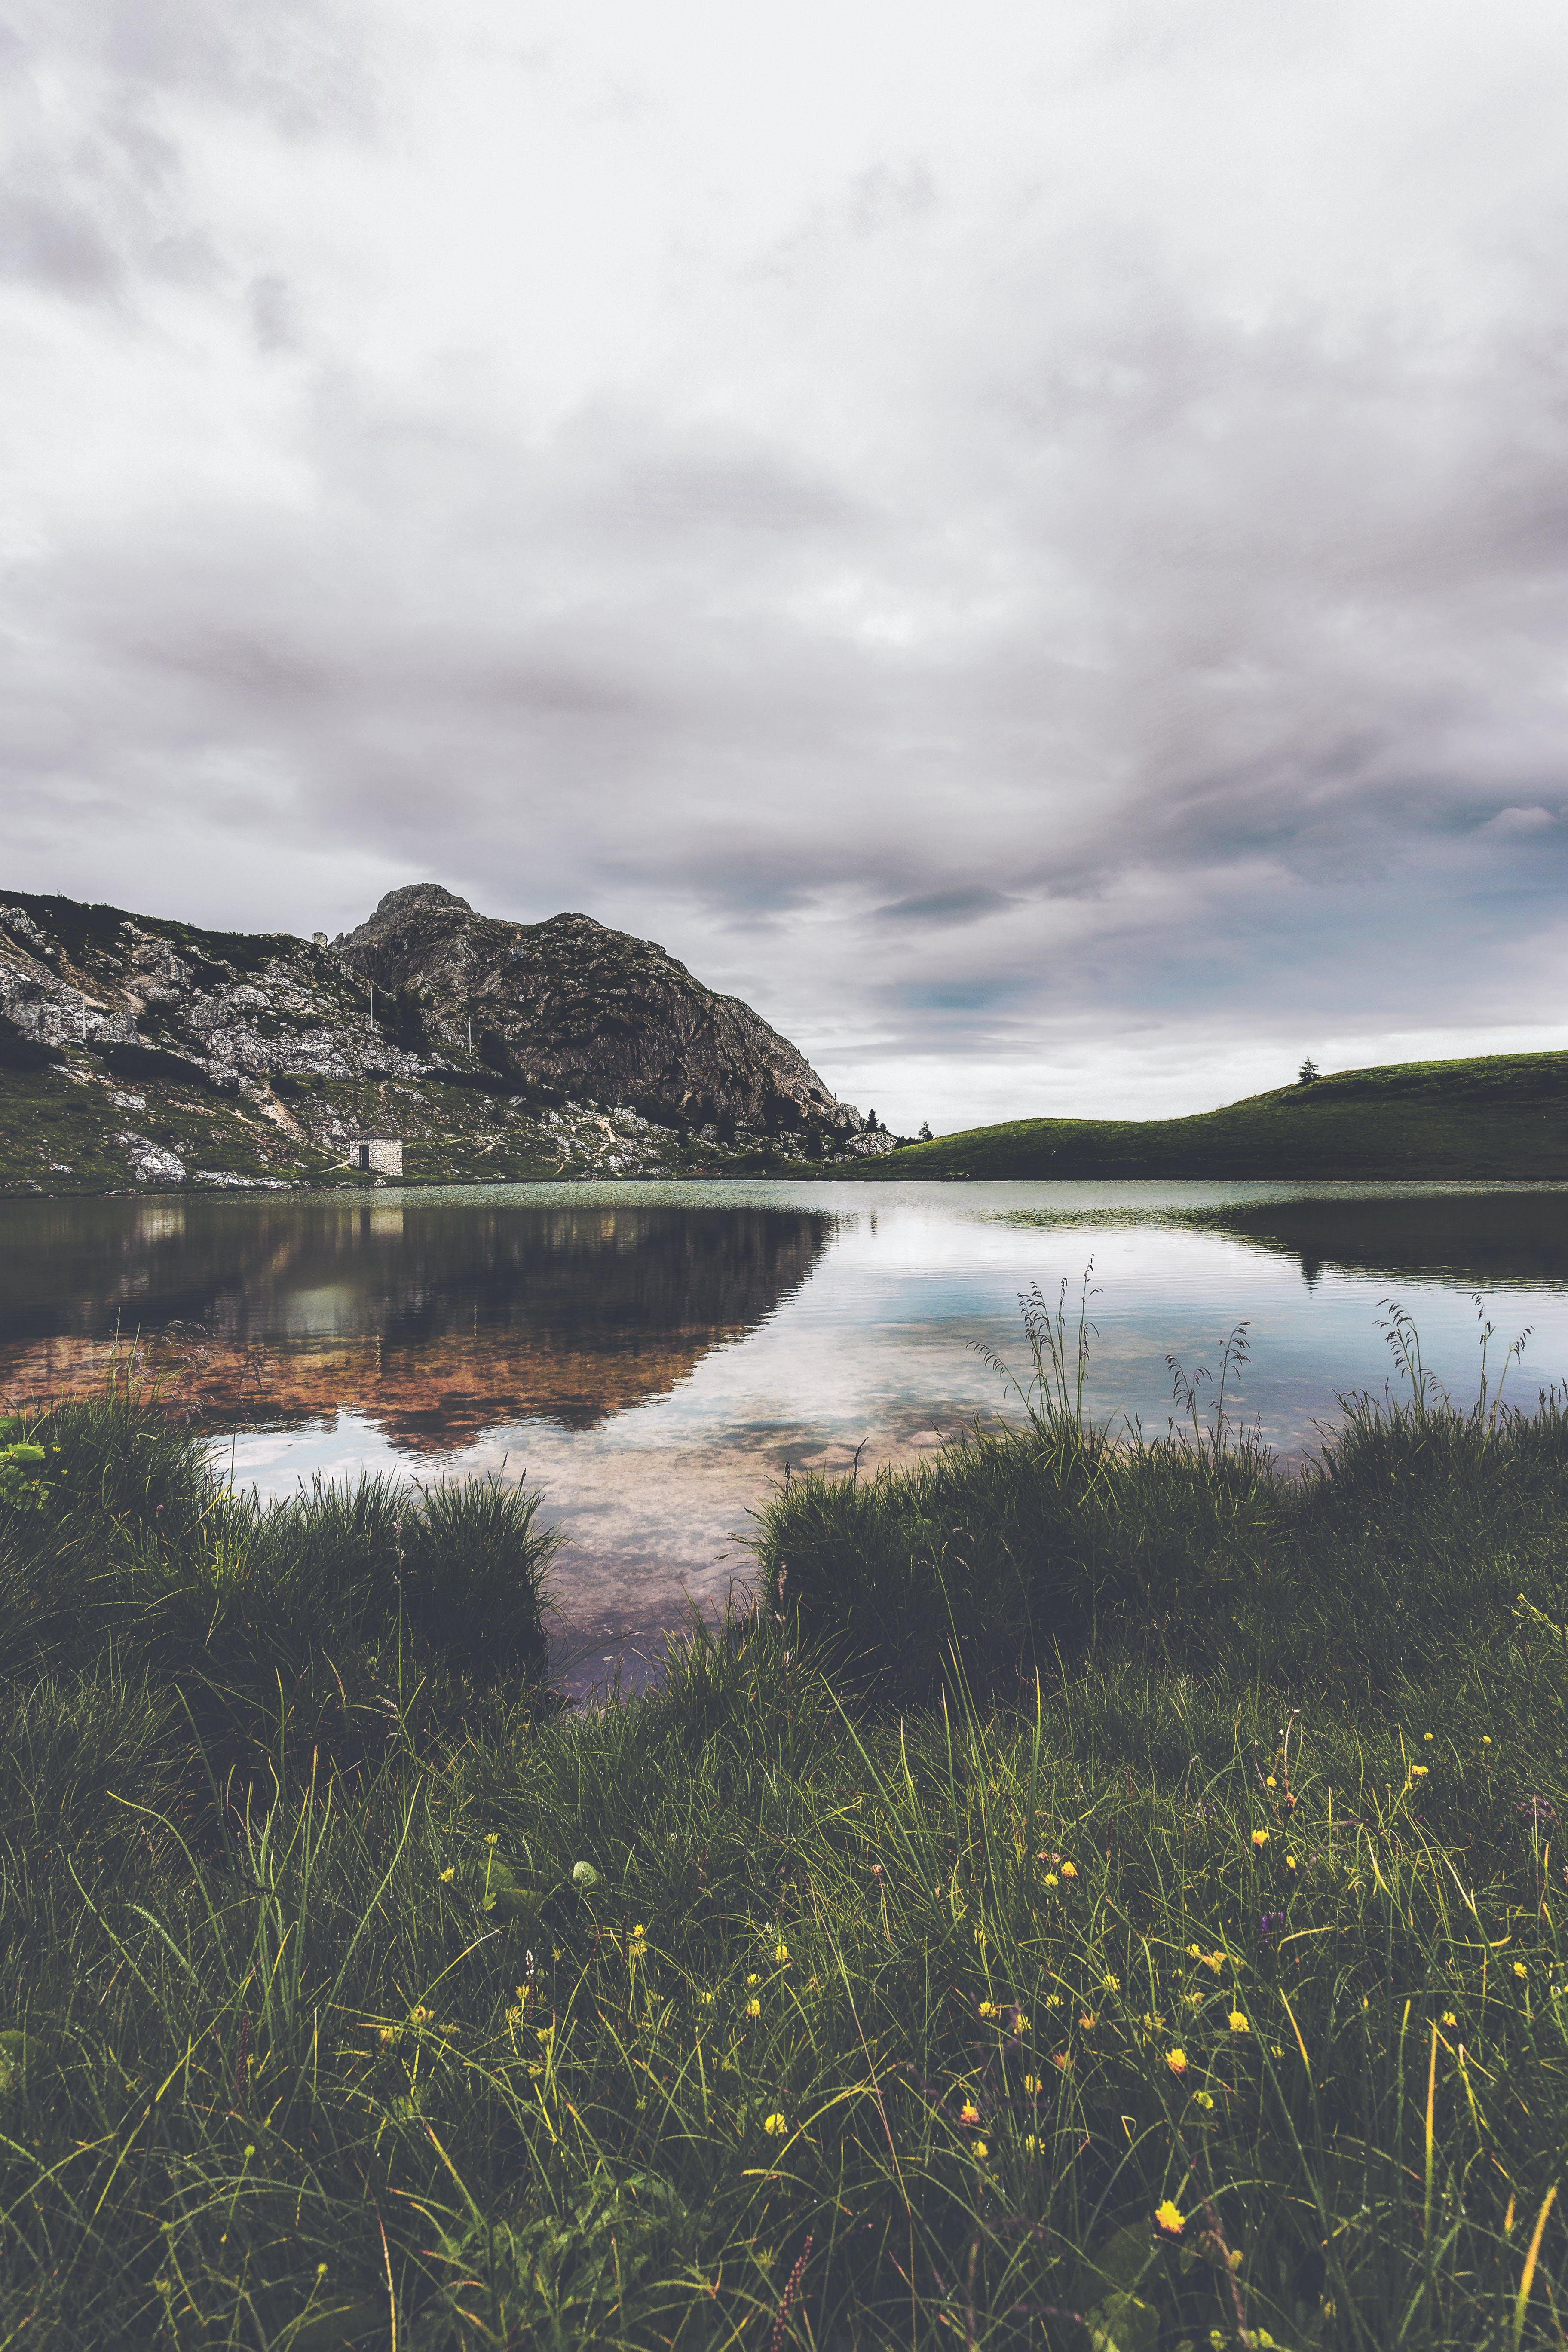 HD wallpaper с HD-обои, вода, гора, дневной свет